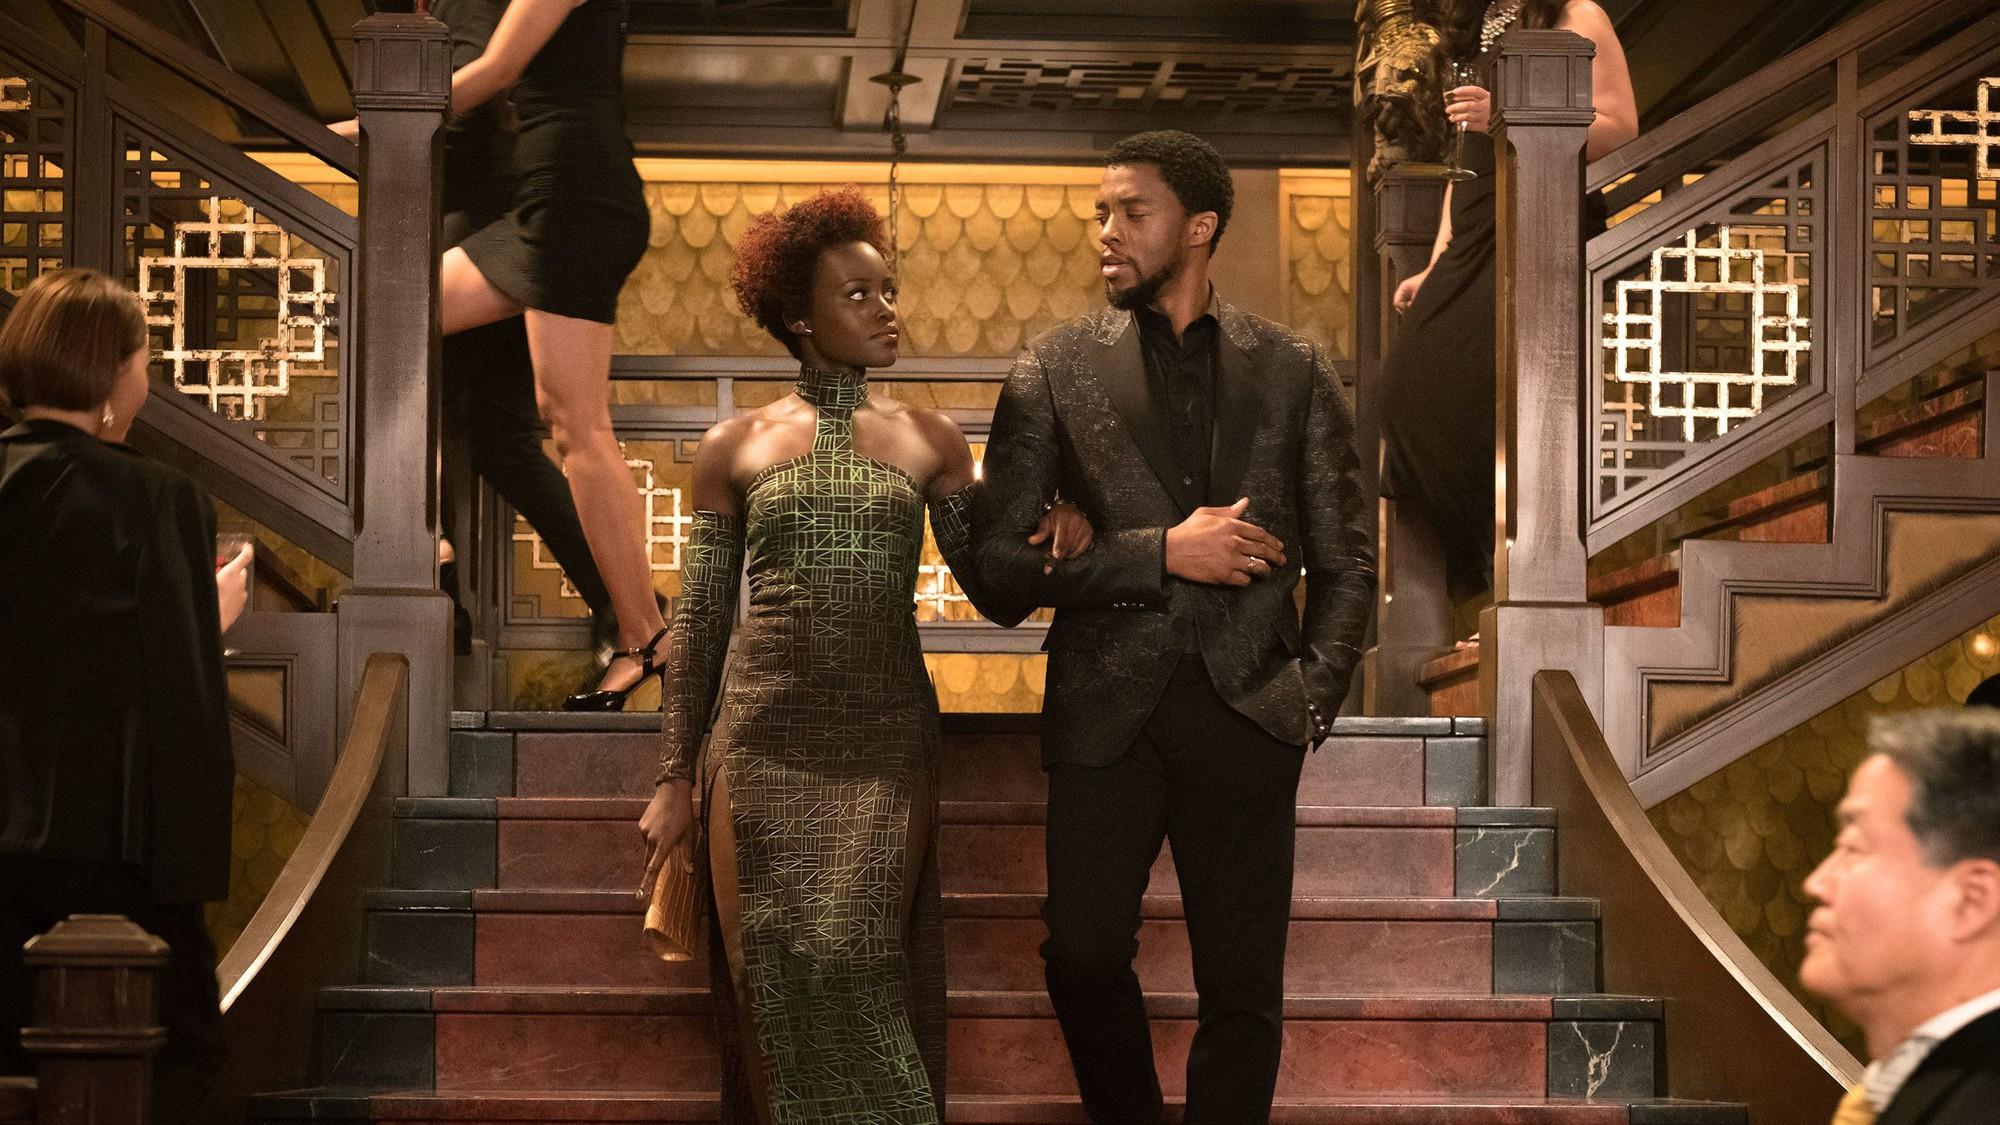 Black Panther - Chiêu trò gây shock hay thông điệp bình đẳng chủng tộc từ Marvel? - Ảnh 4.